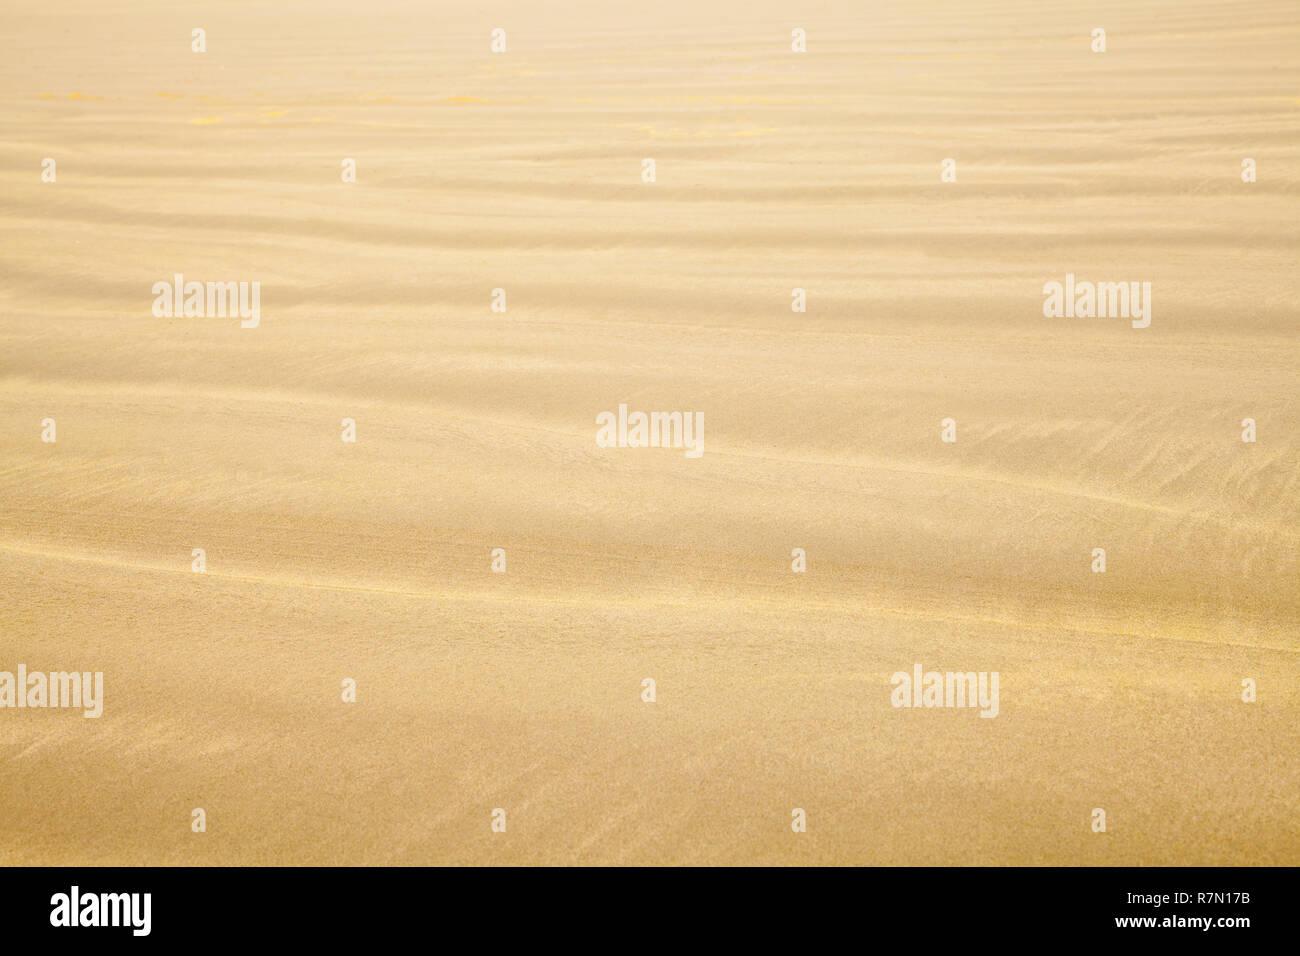 Spiaggia di sabbia con onda modello Ripple sfondo. Immagini Stock